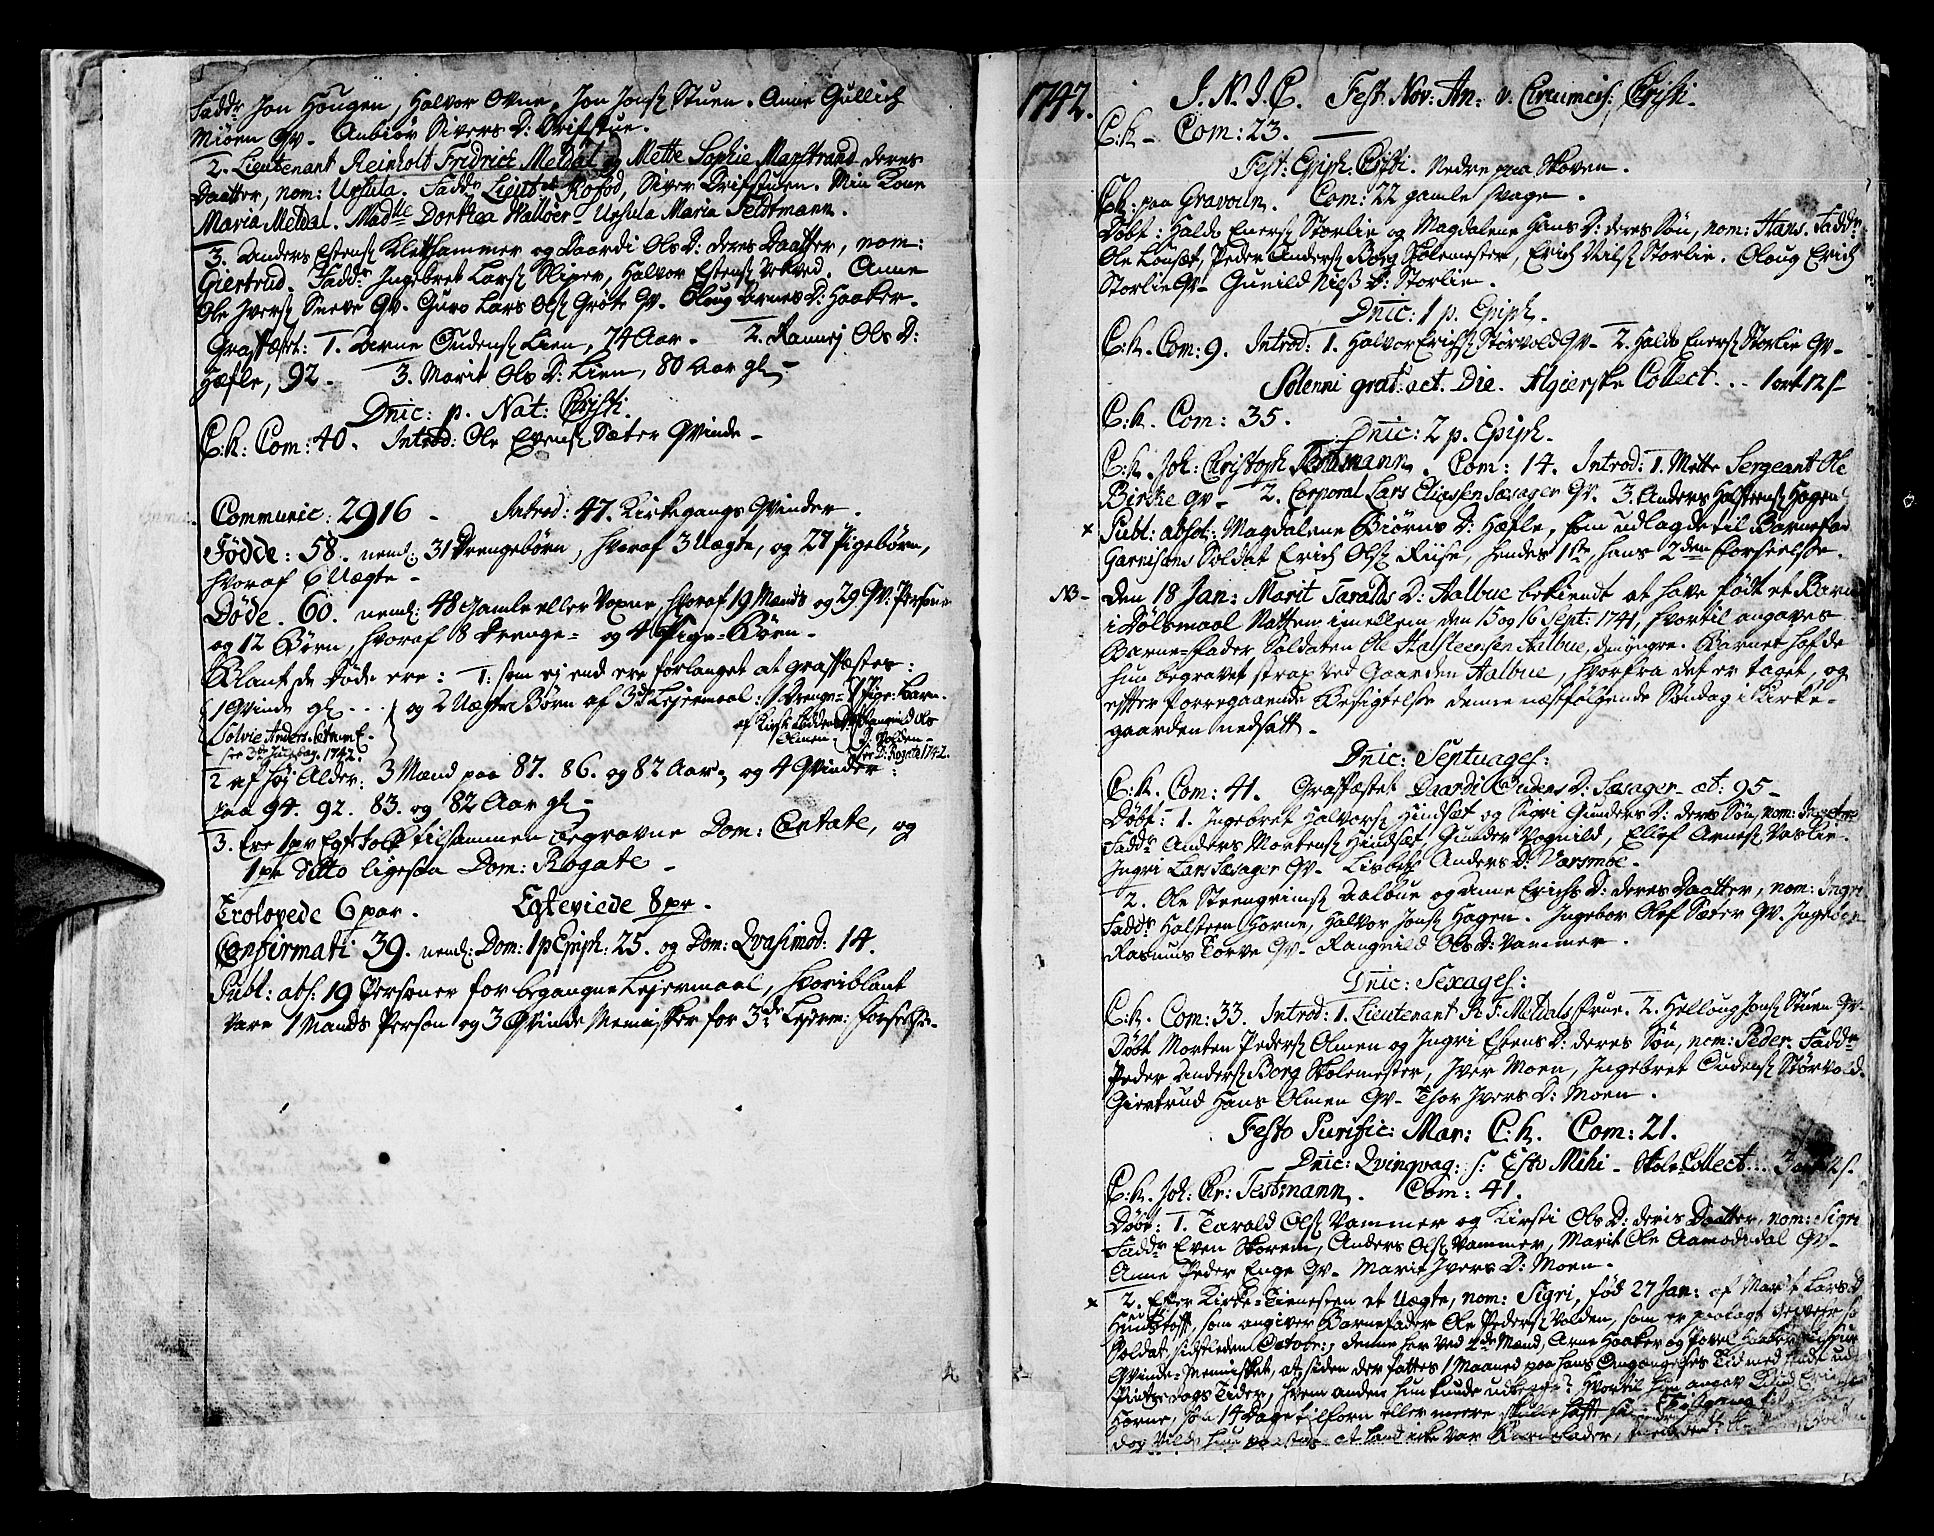 SAT, Ministerialprotokoller, klokkerbøker og fødselsregistre - Sør-Trøndelag, 678/L0891: Ministerialbok nr. 678A01, 1739-1780, s. 14